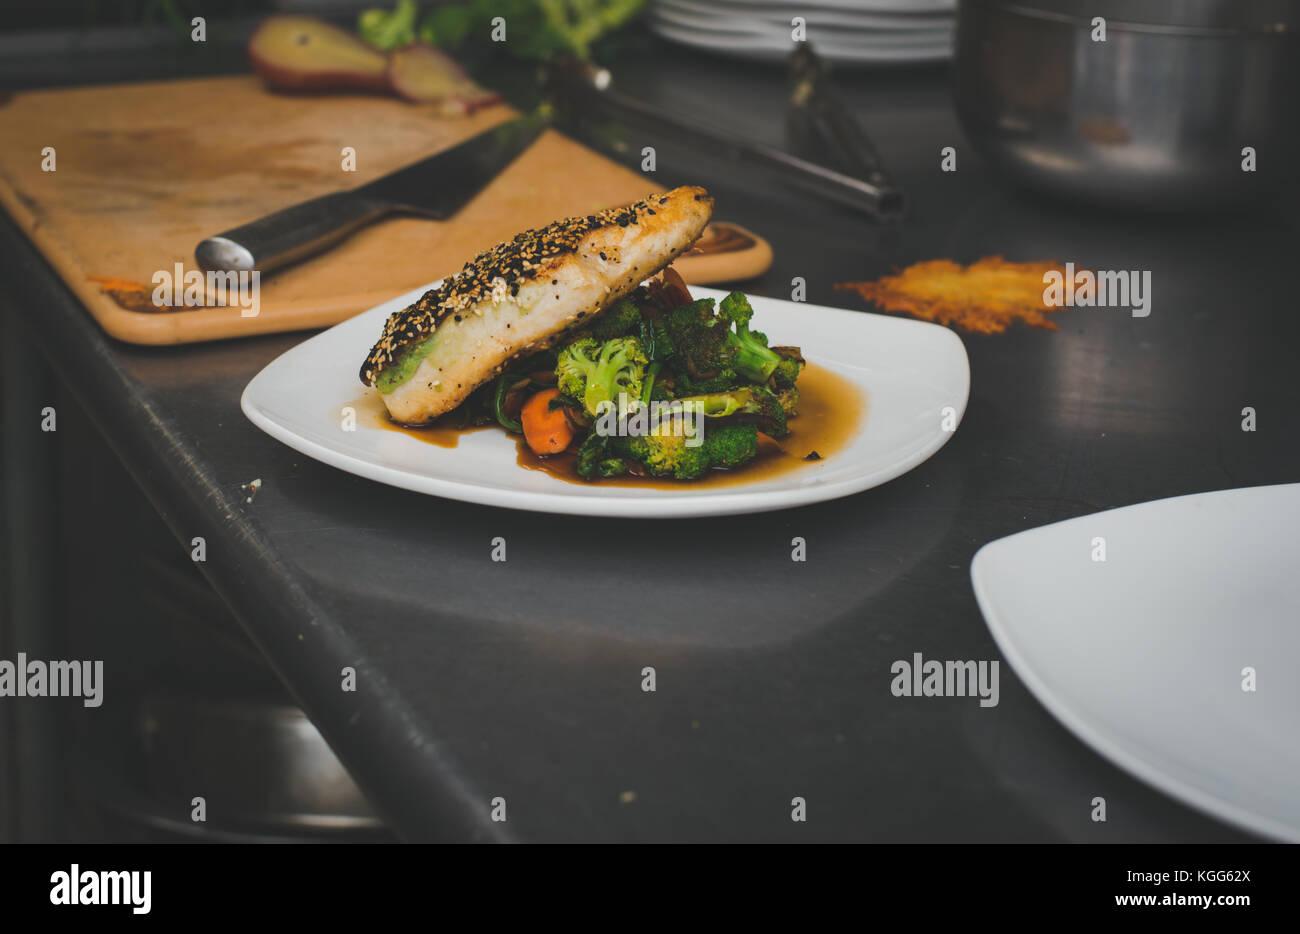 Lachs und Gemüse in einem Restaurant zubereitet Stockbild